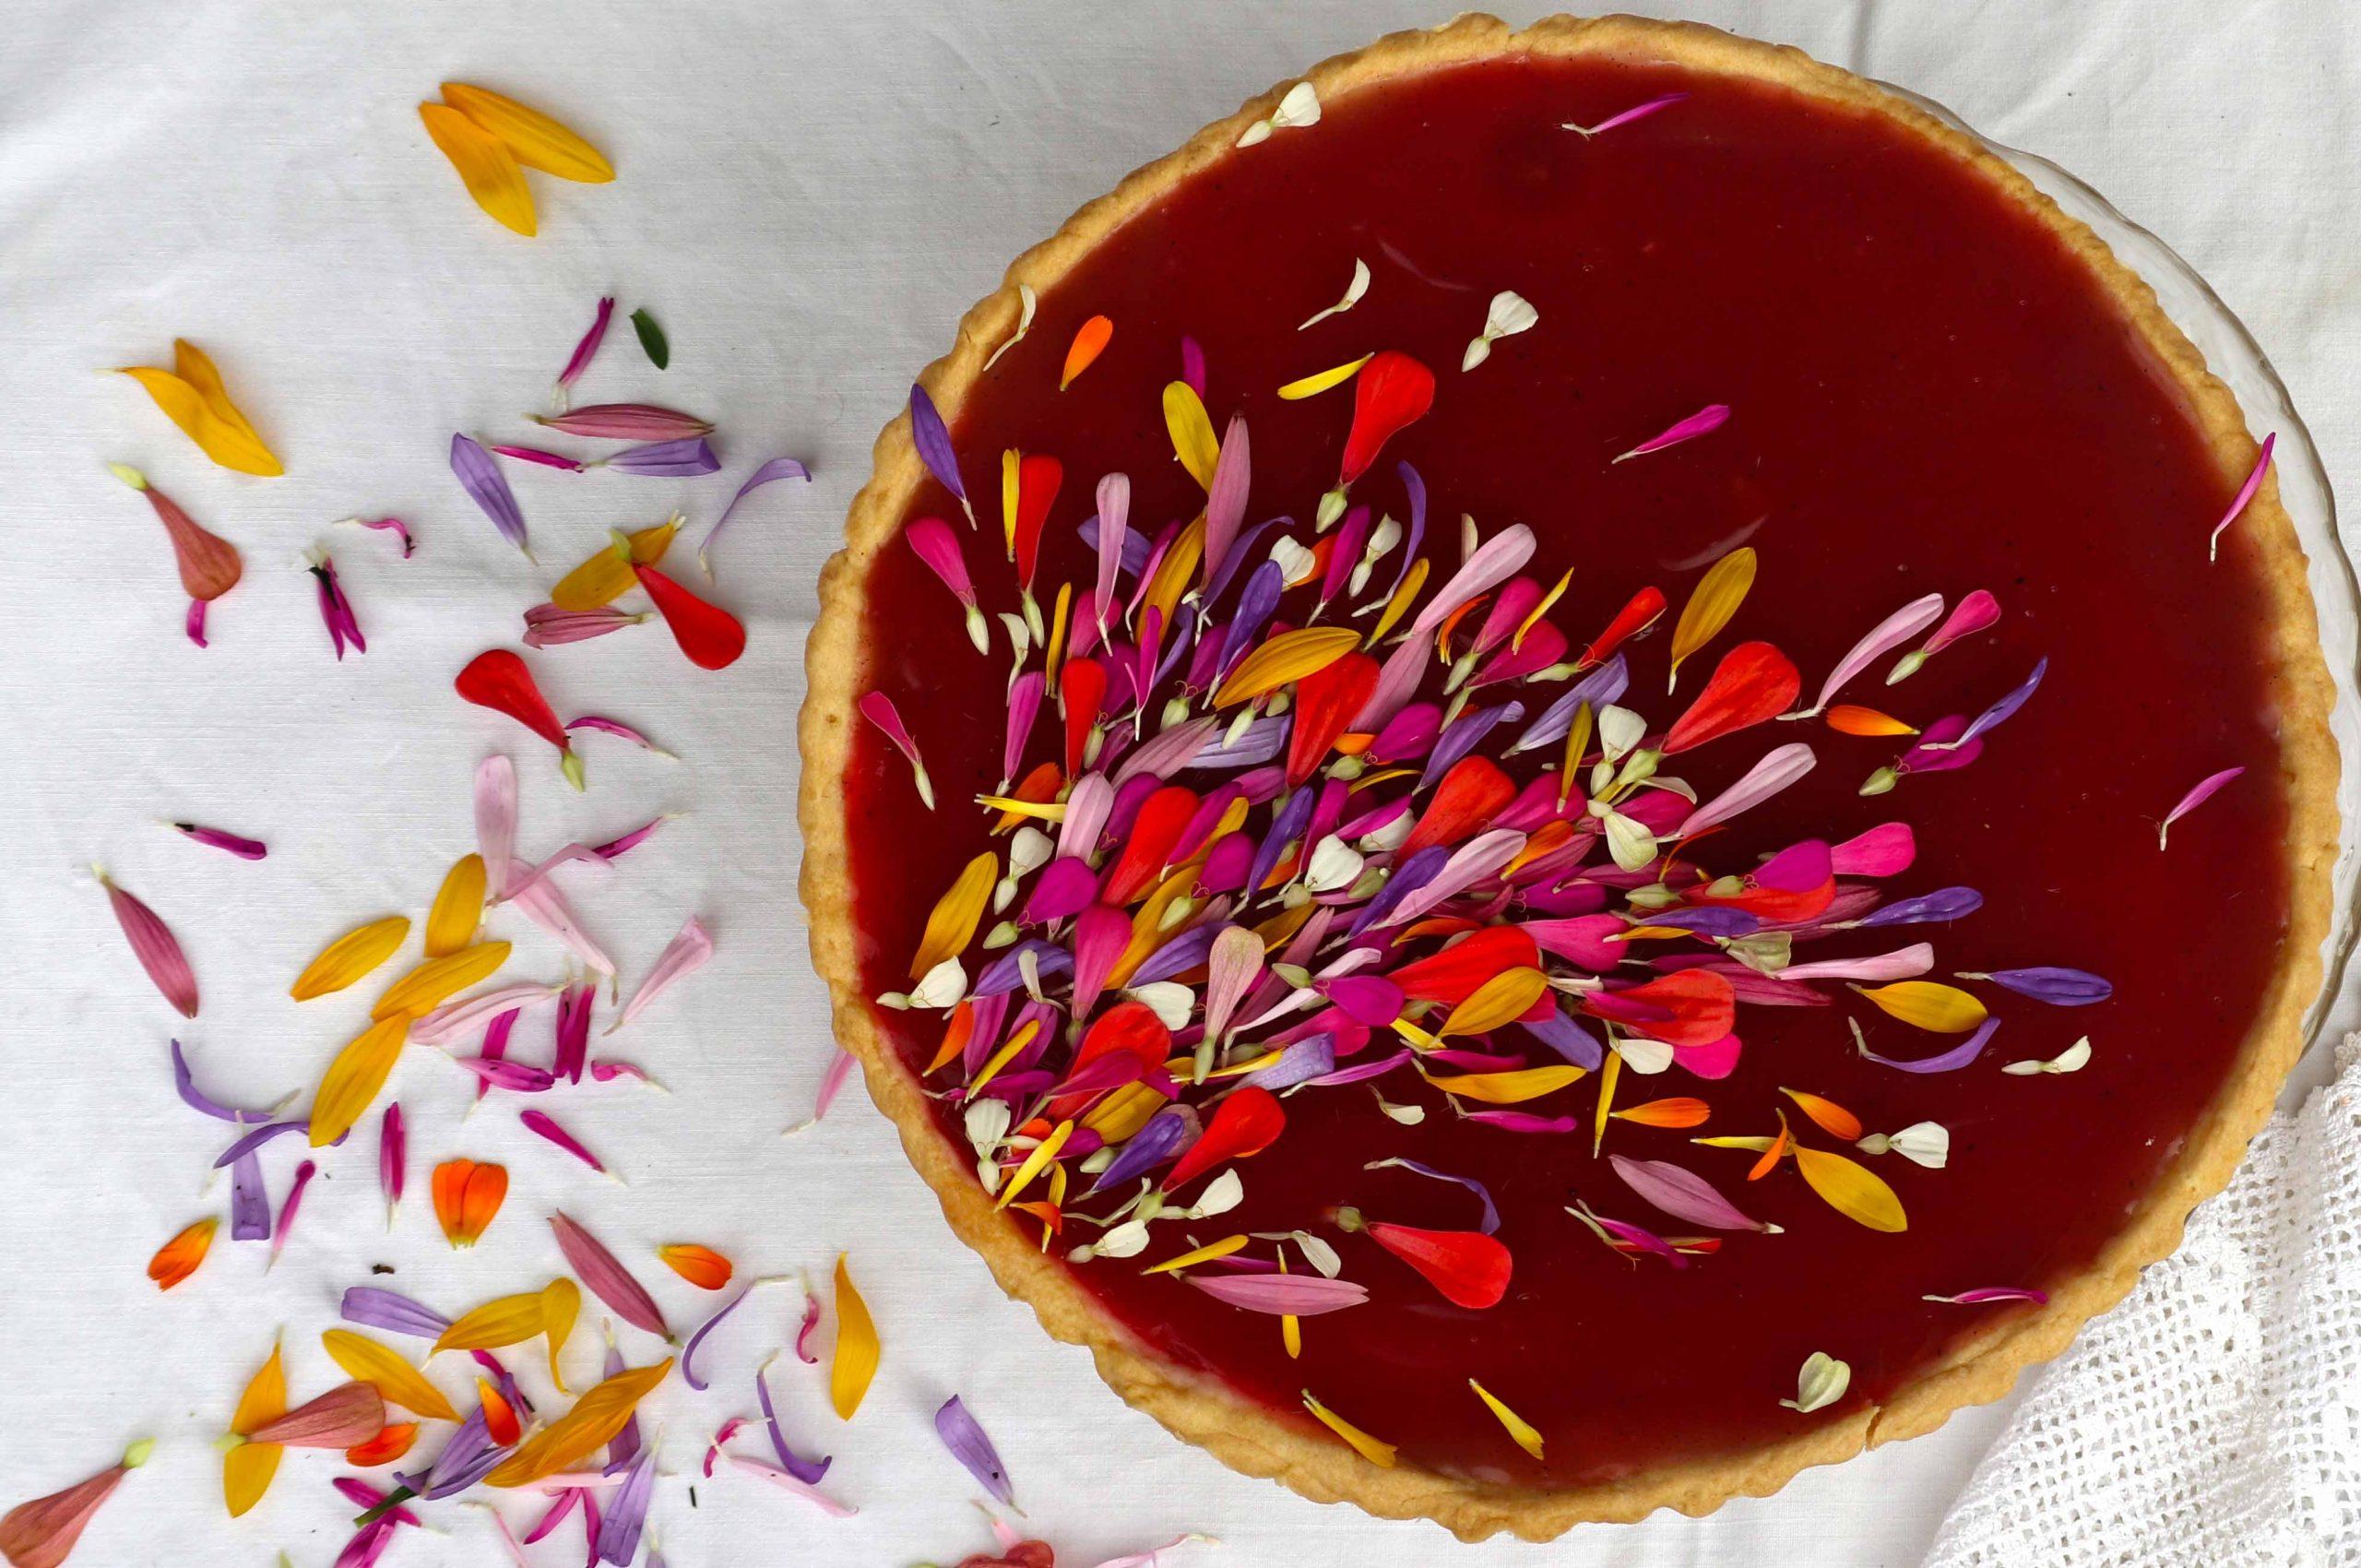 Bezgove jagode v pudingovi torti